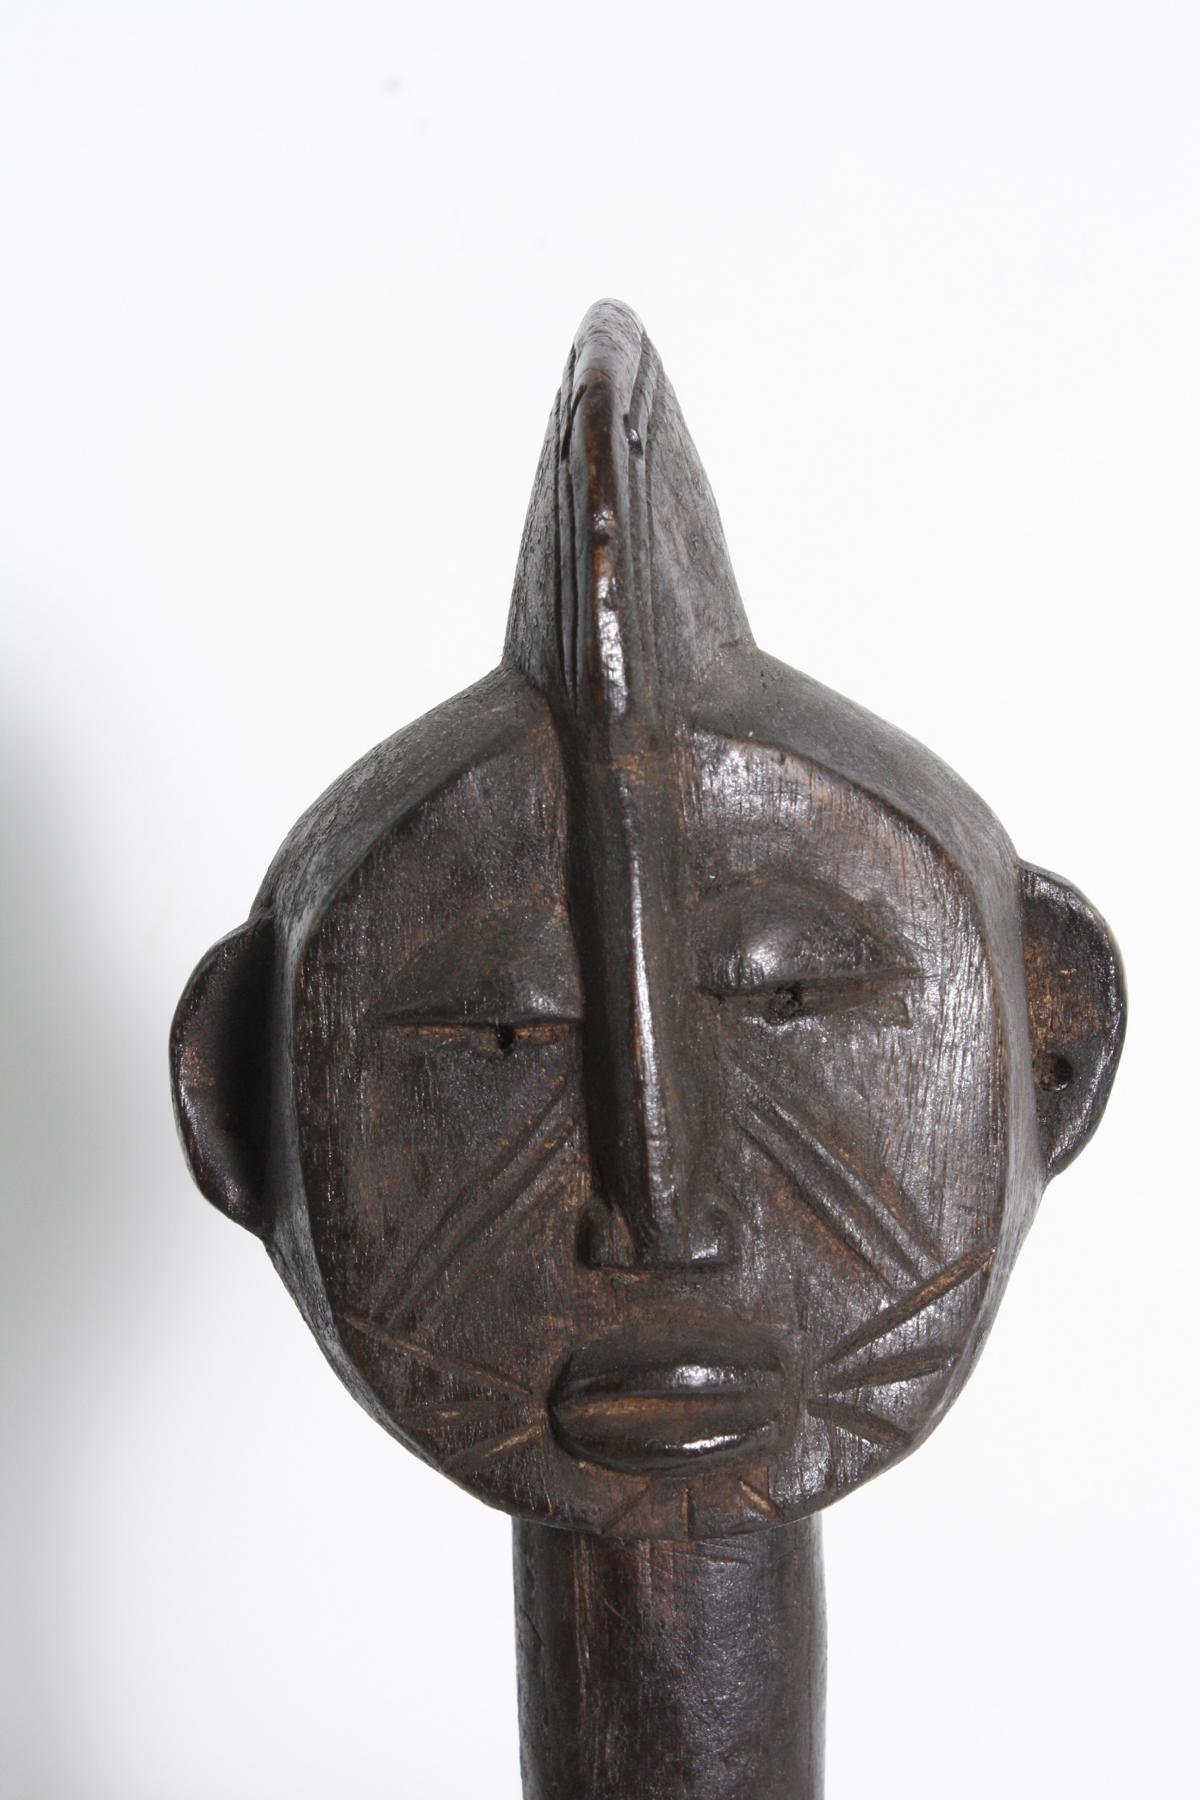 Sitzende weibliche Figur, Bambara, Mali, 1. Hälfte 20. Jh.-2